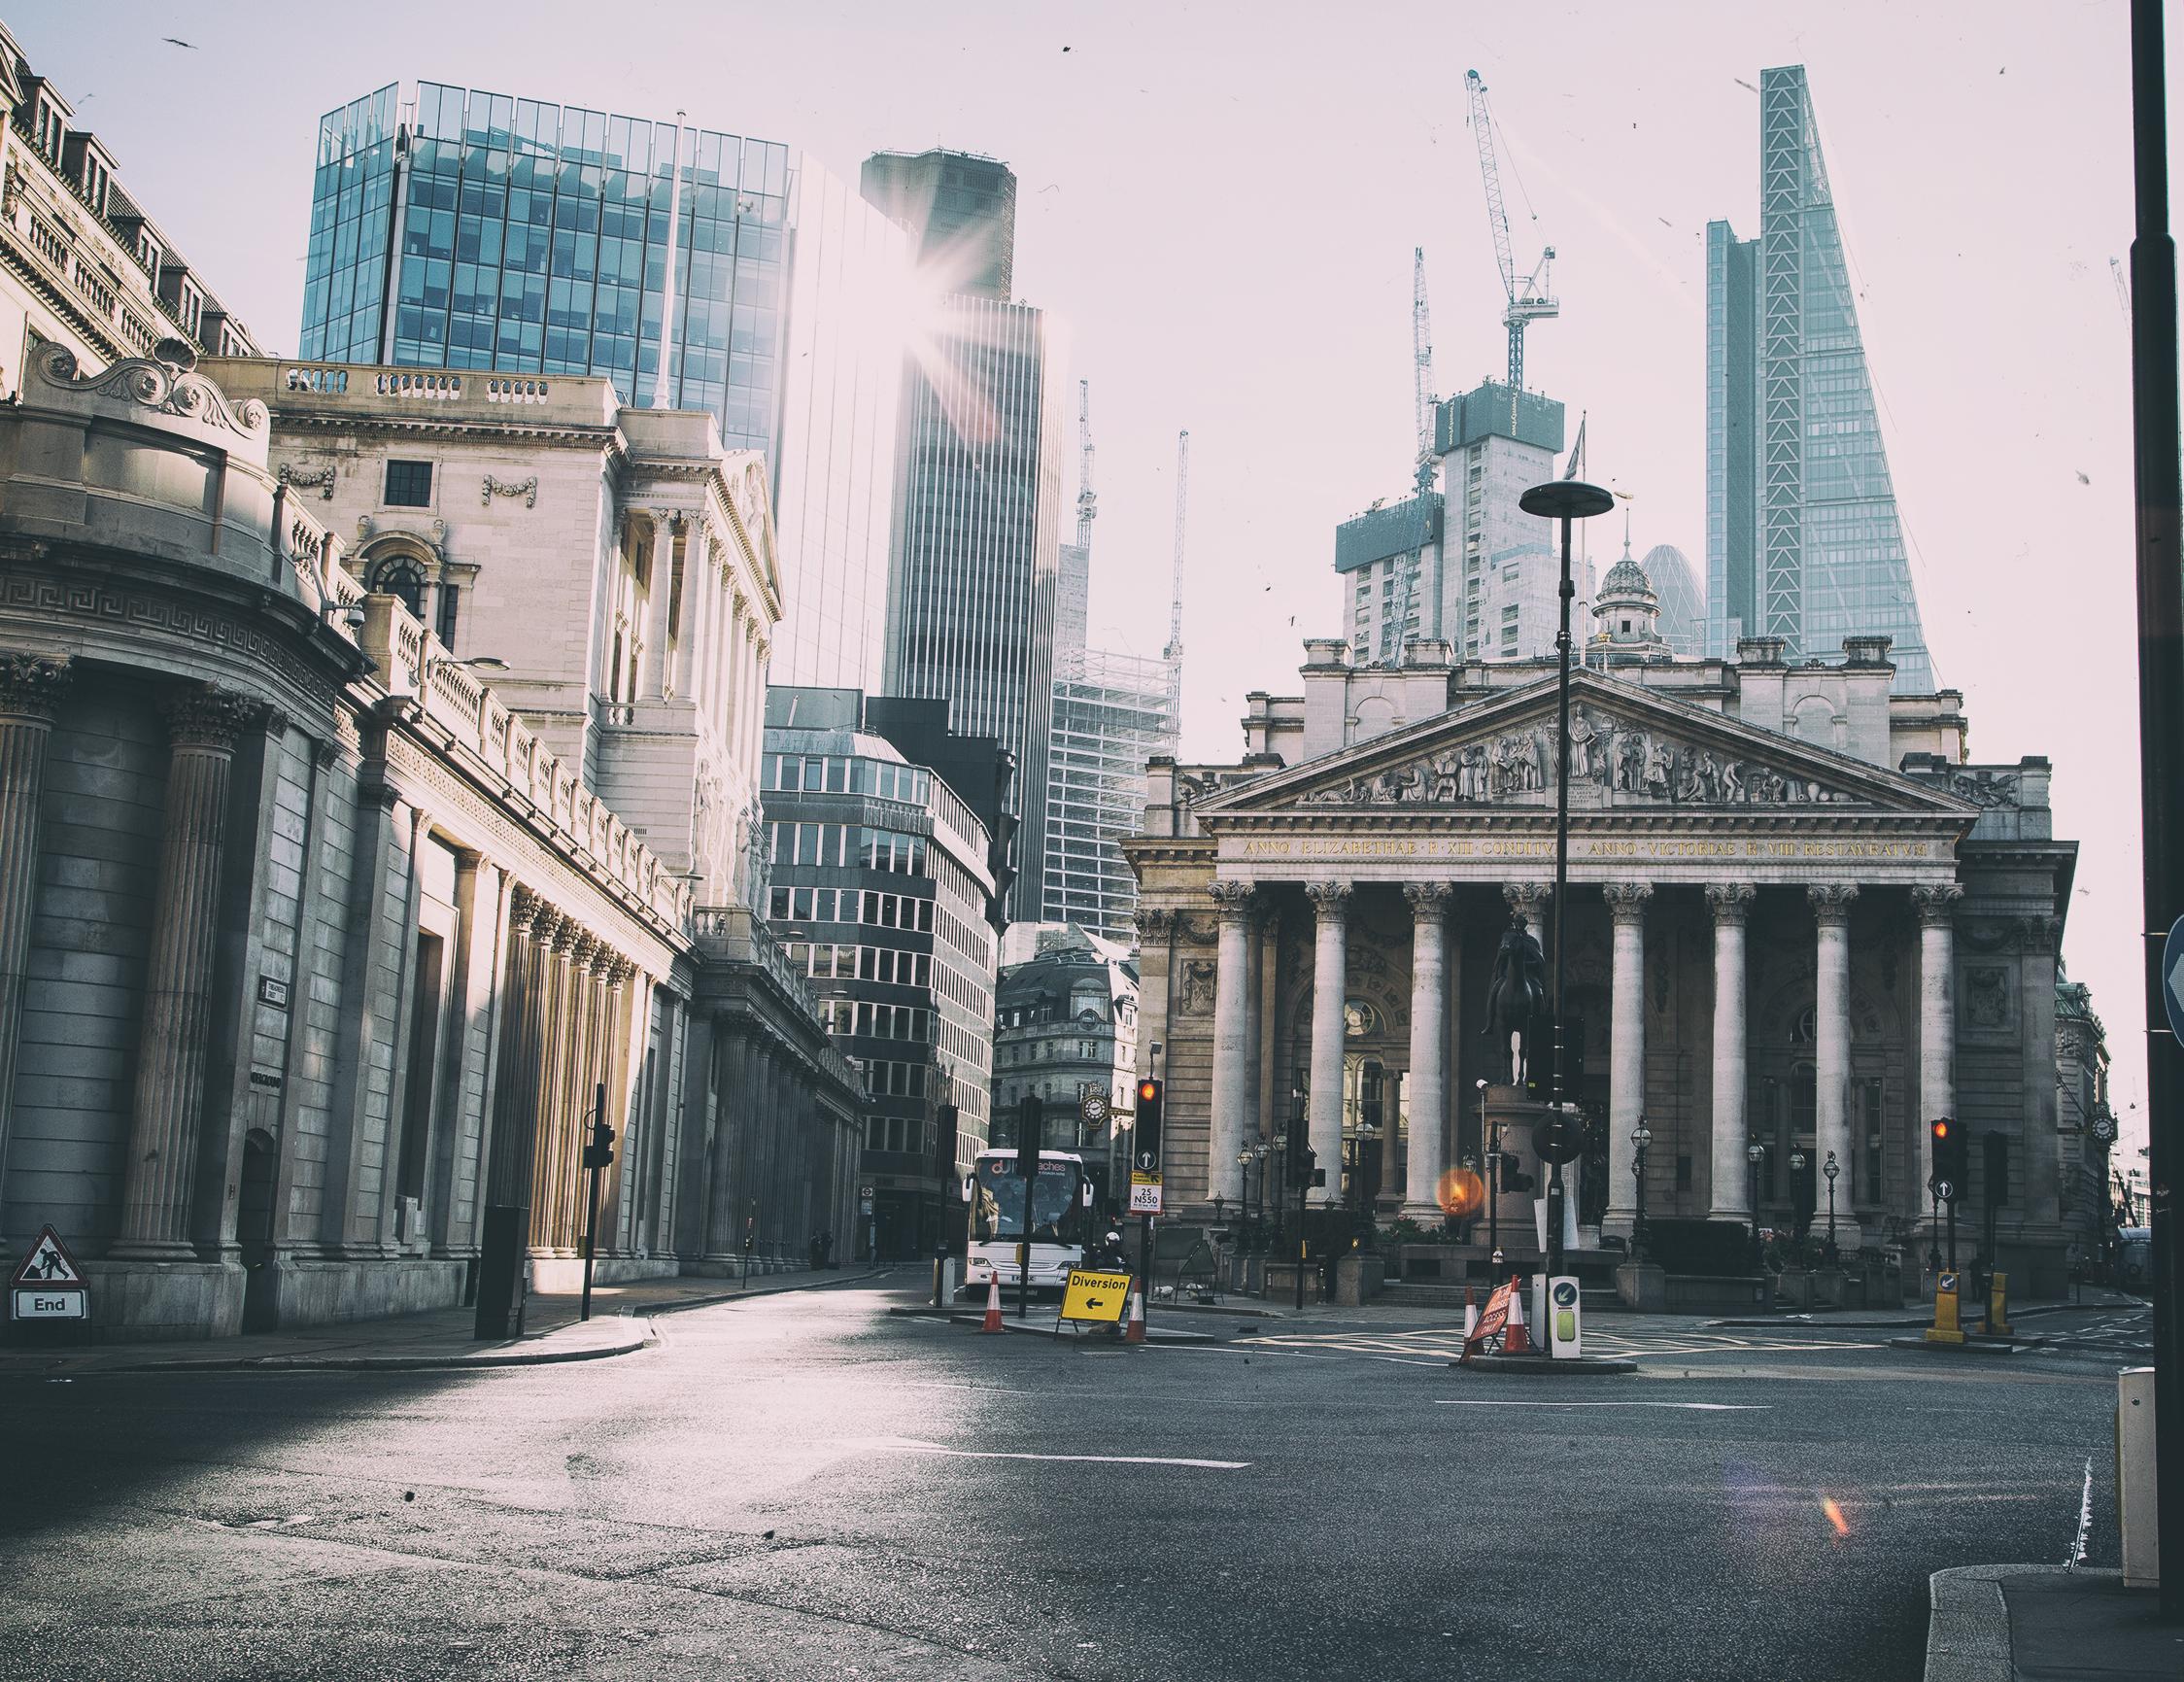 MINI in the City